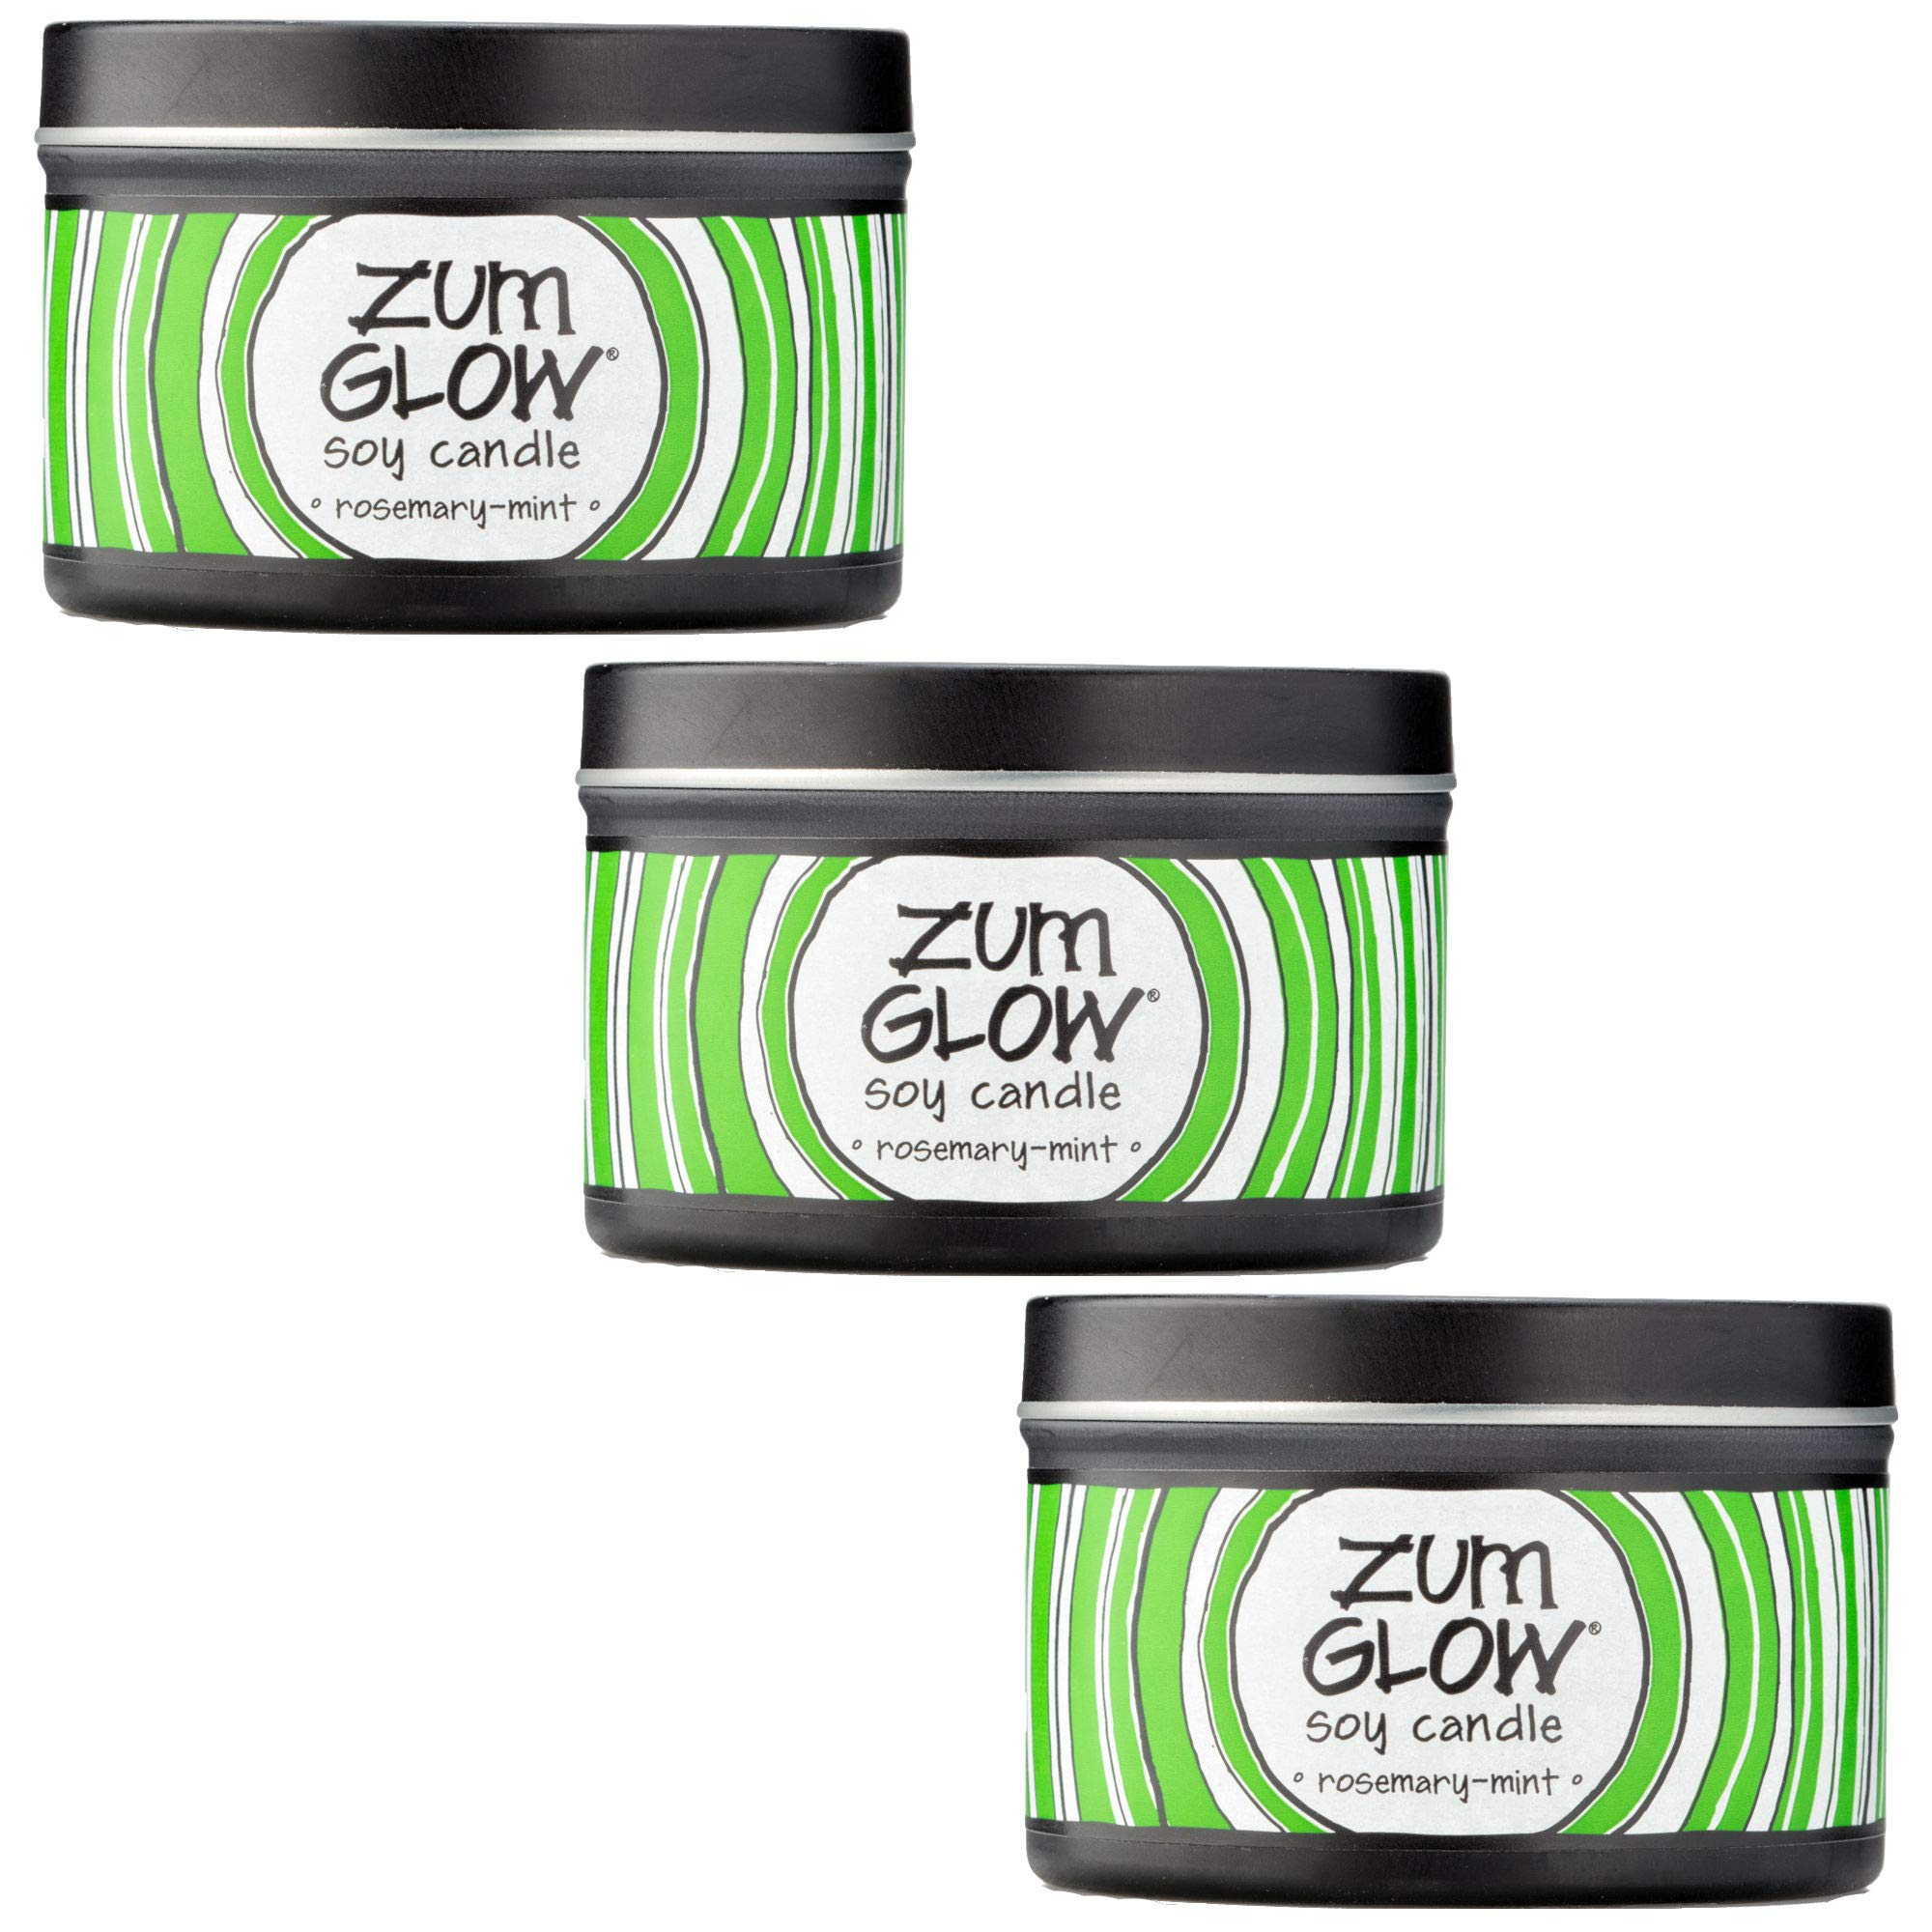 Indigo Wild Rosemary-Mint Zum Glow Soy Aromatherapy Candles, 7oz. - 3 Pack by Indigo Wild